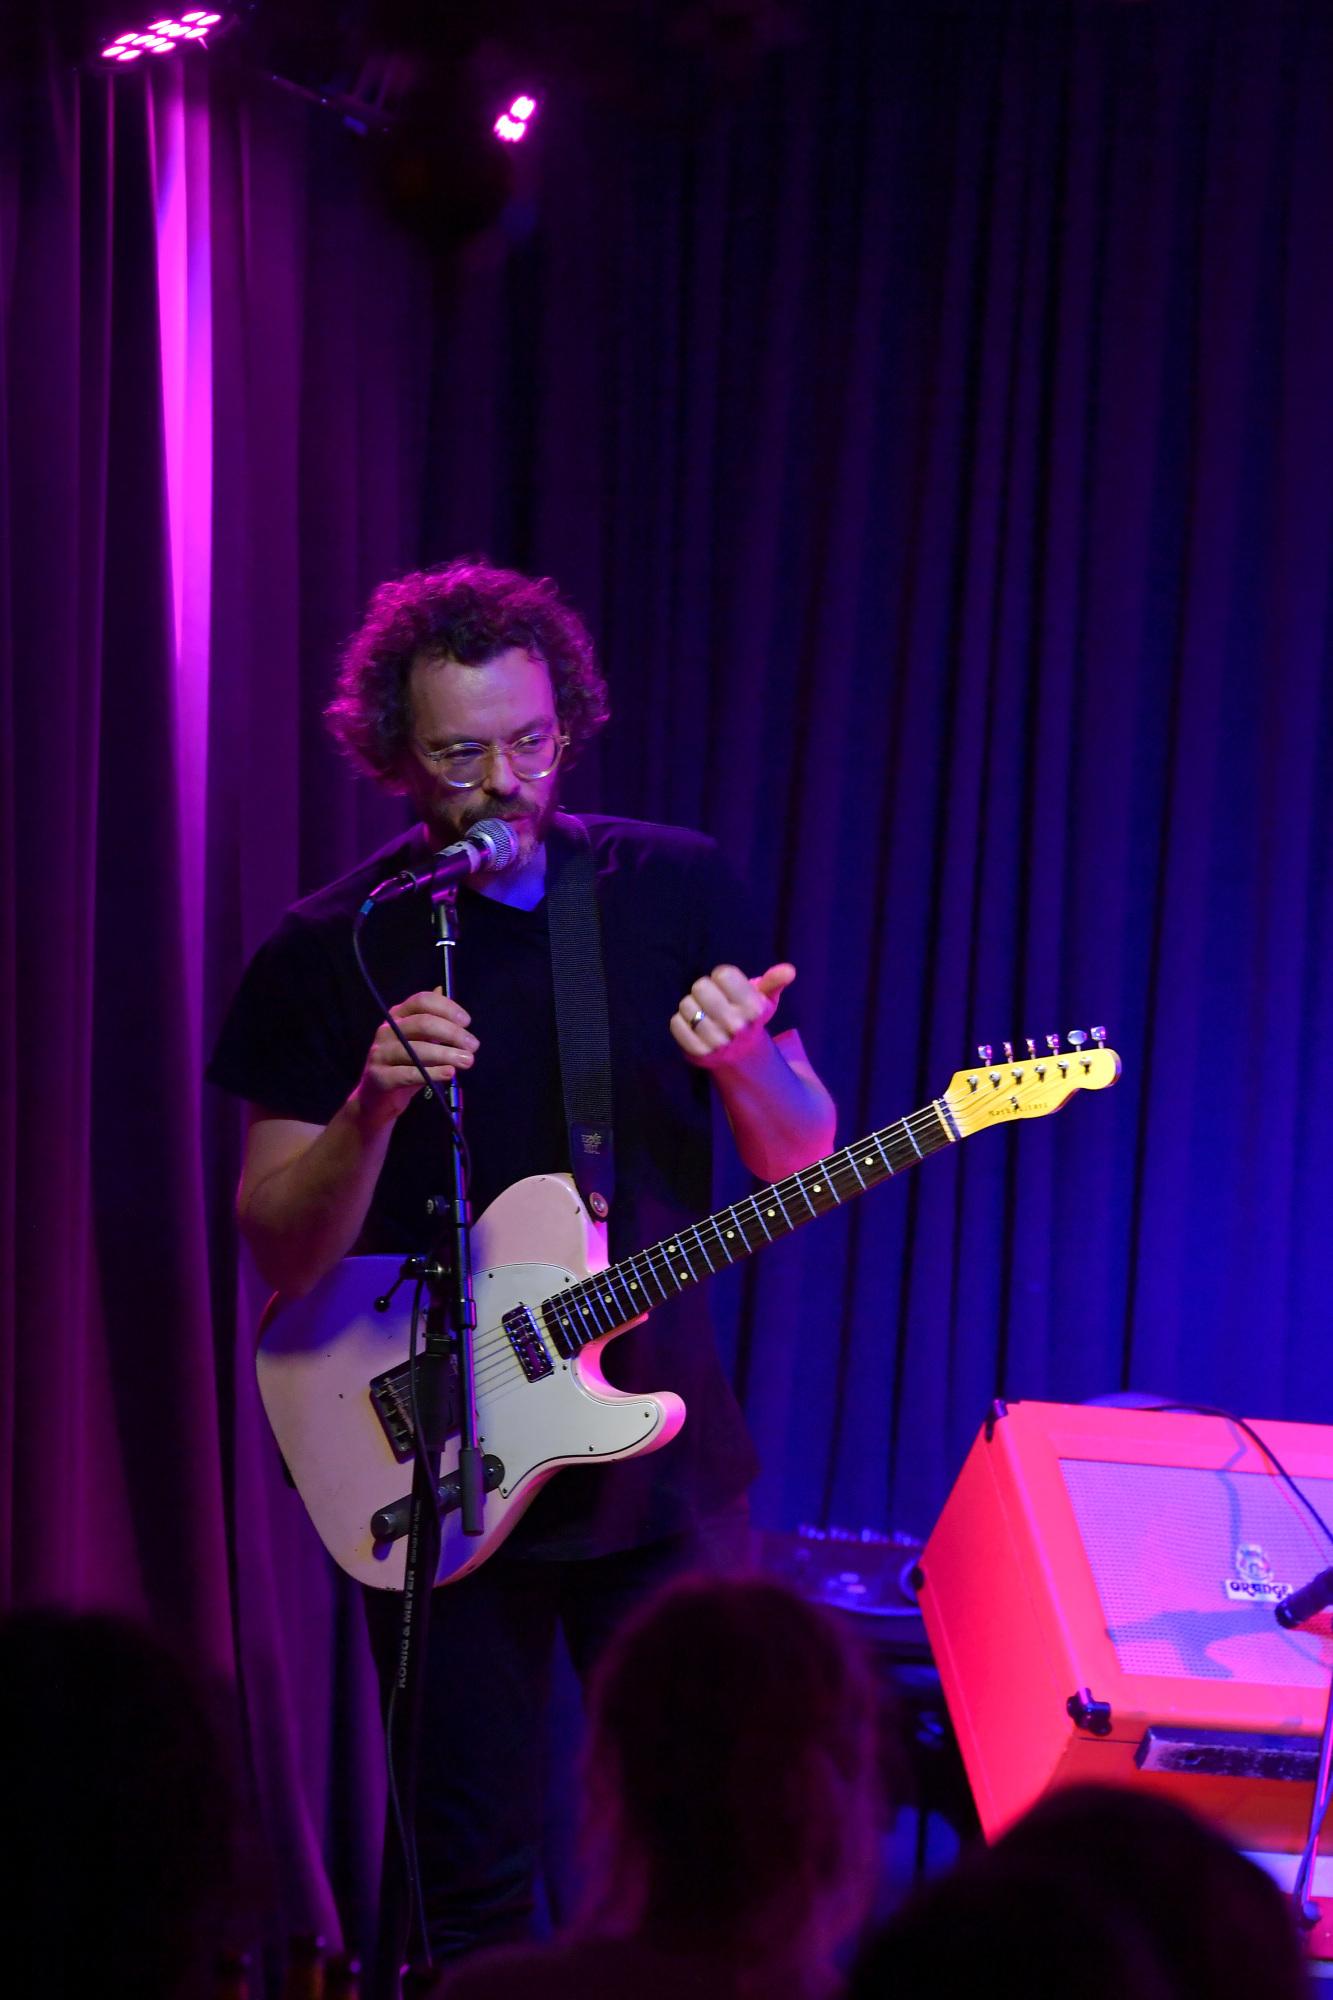 Guitartroldmand spiller drømmejazz, der skaber indre lydlandskaber